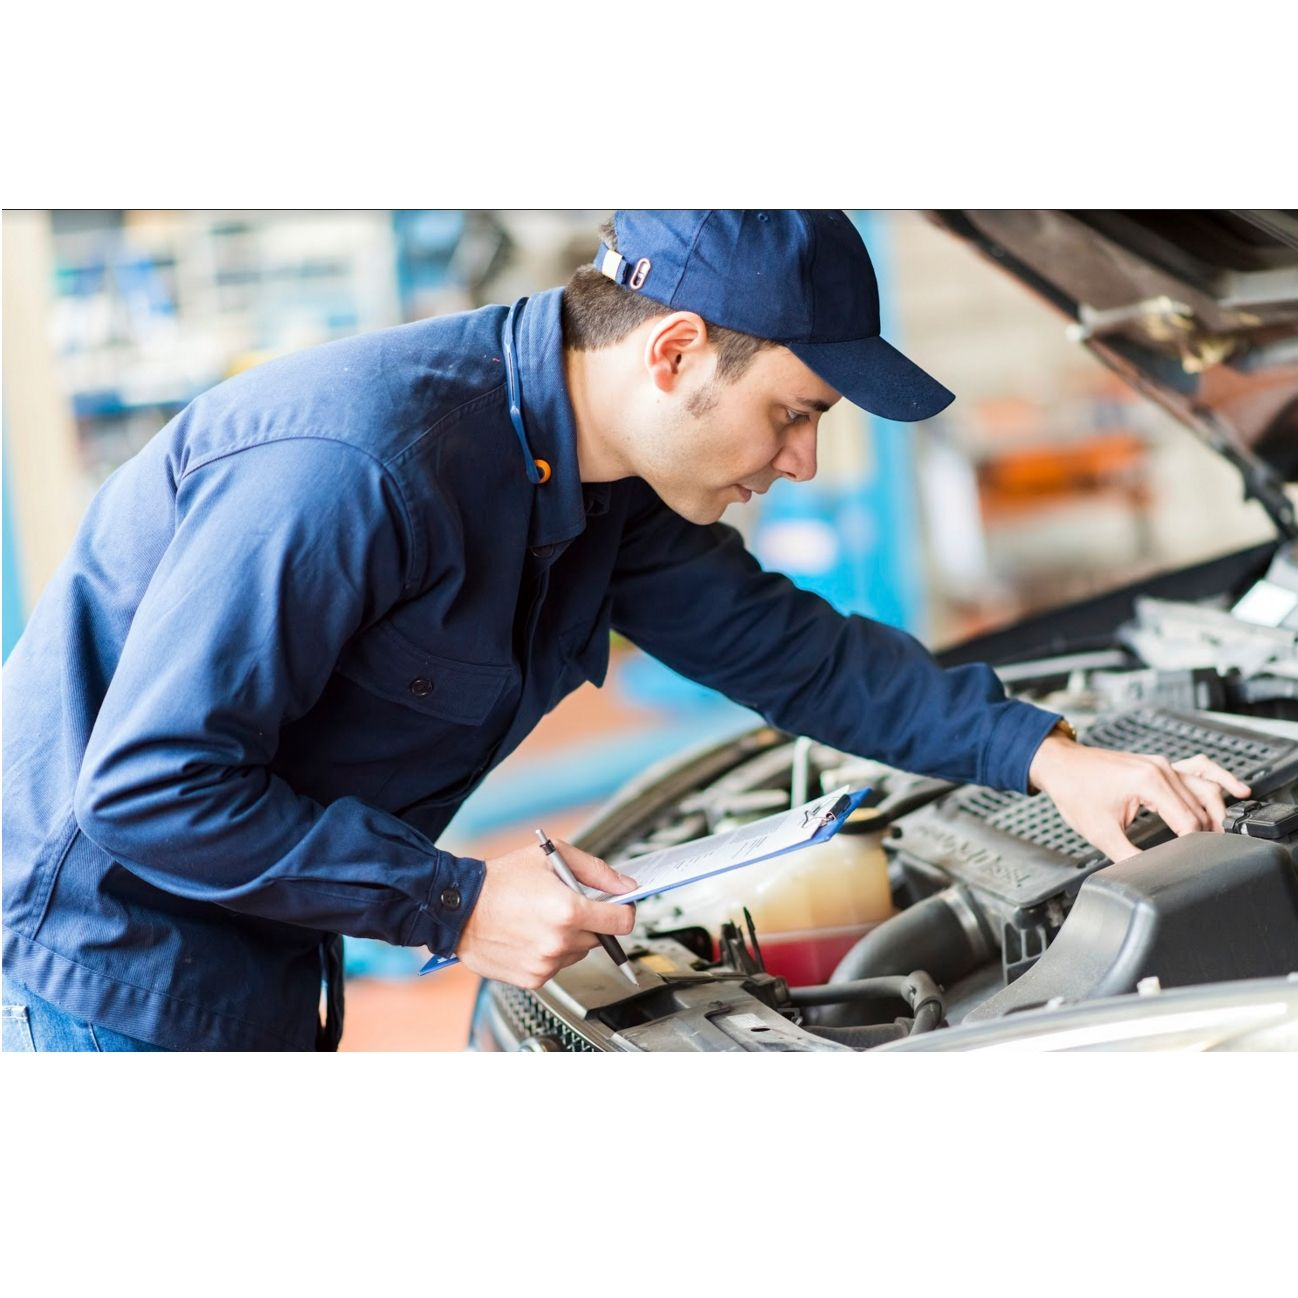 Reparaciones mecánicas: Servicios  de Talleres Reyes